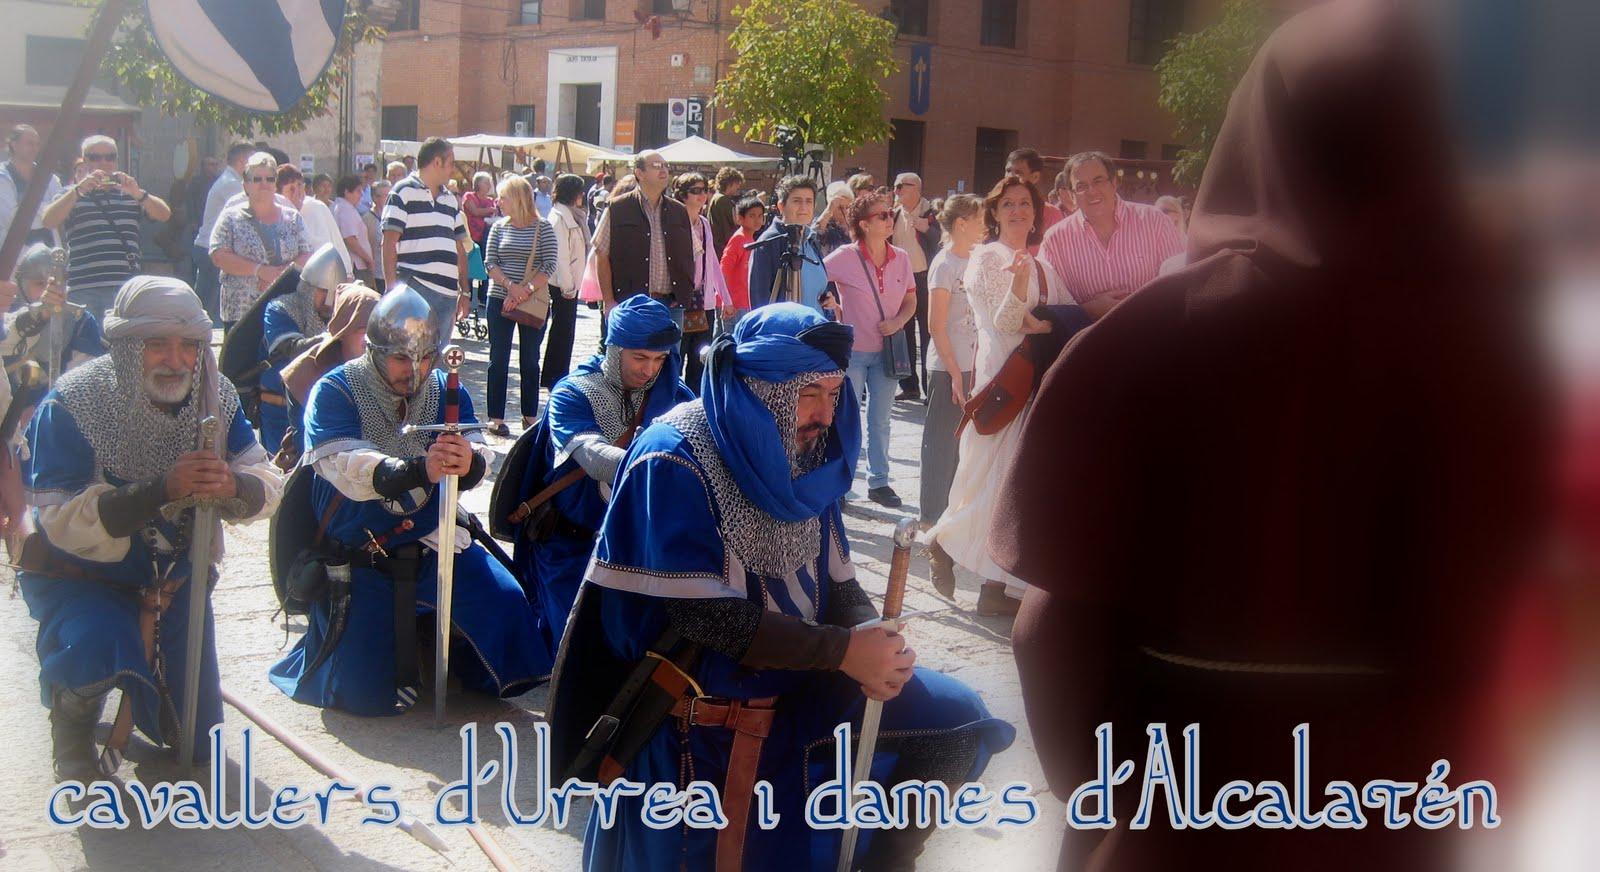 cavallers d'Urrea i dames d'Alcalatén